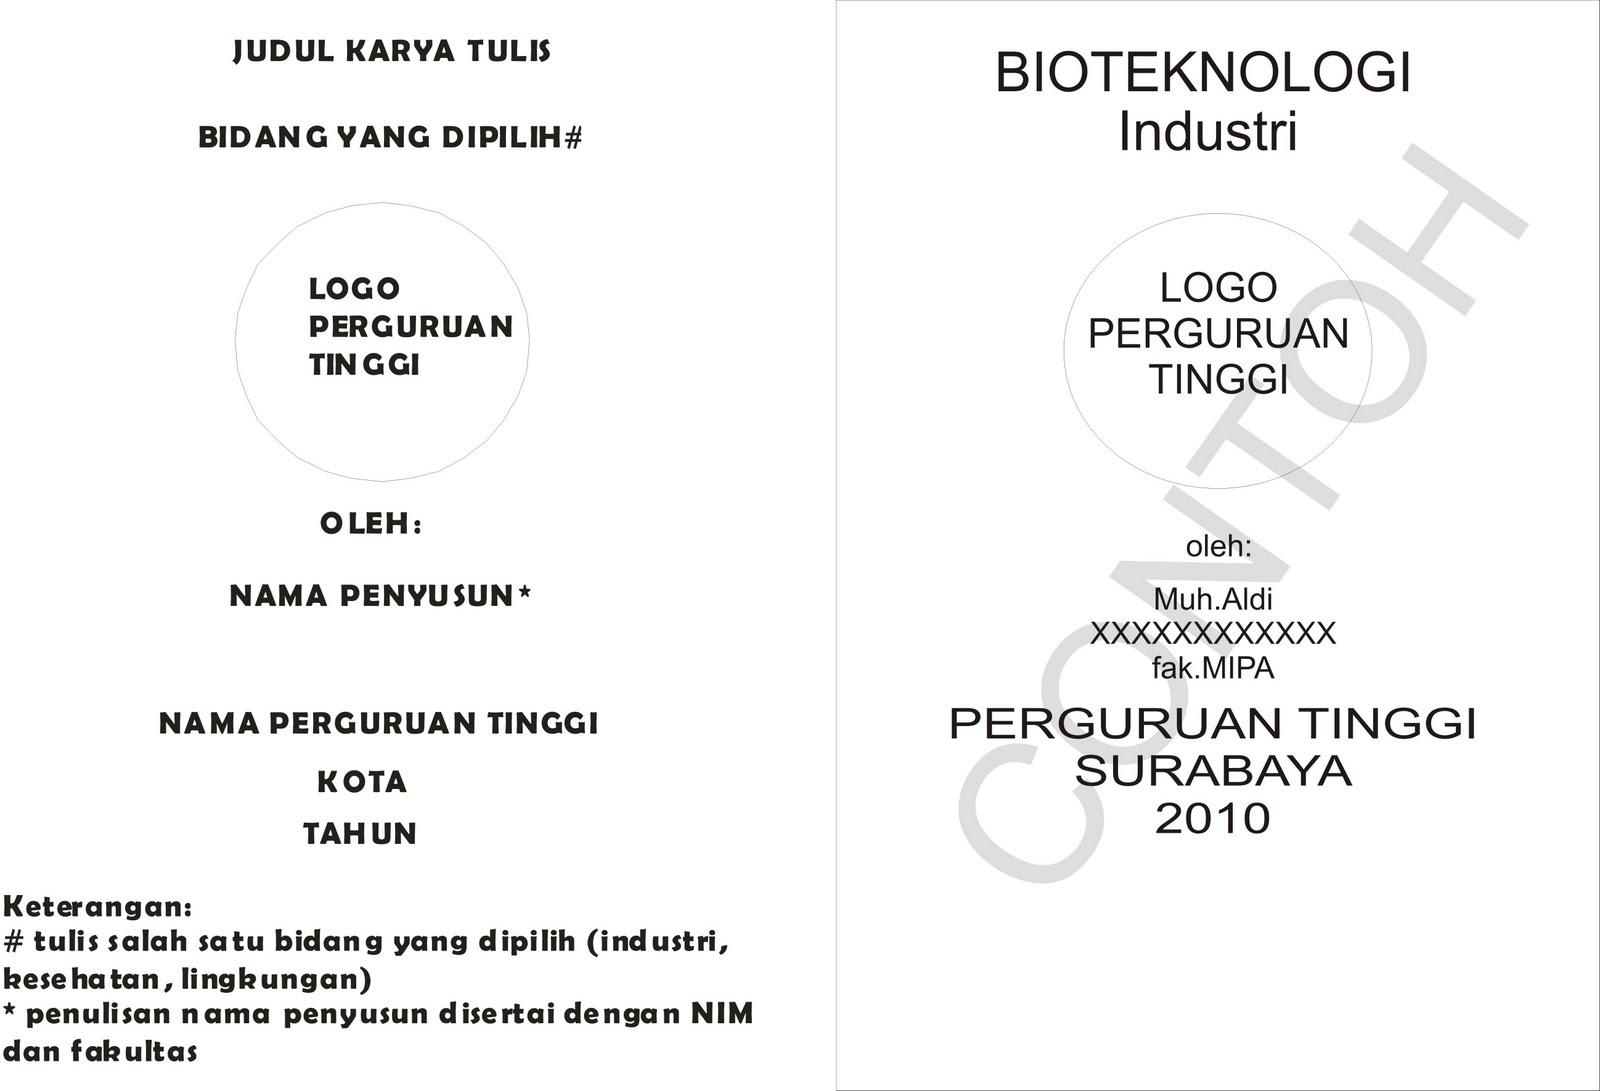 LKTI dan Seminar Nasional Biokimia 2010 UA